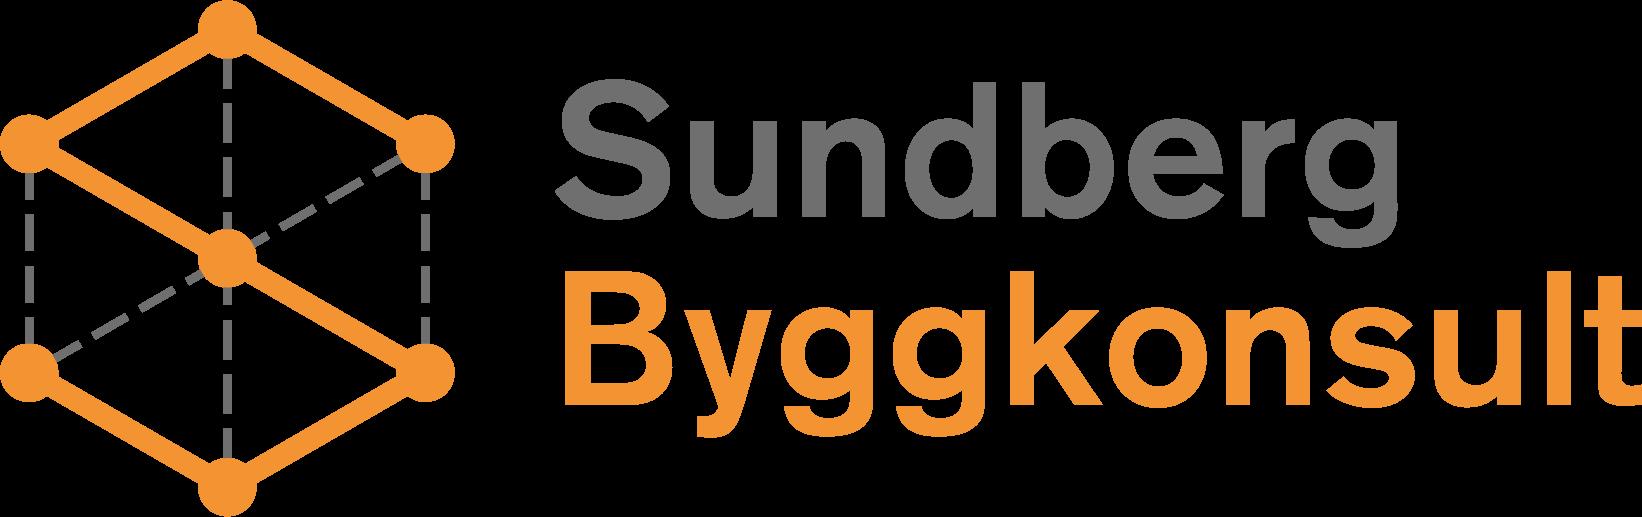 Sundberg Byggkonsult Logo